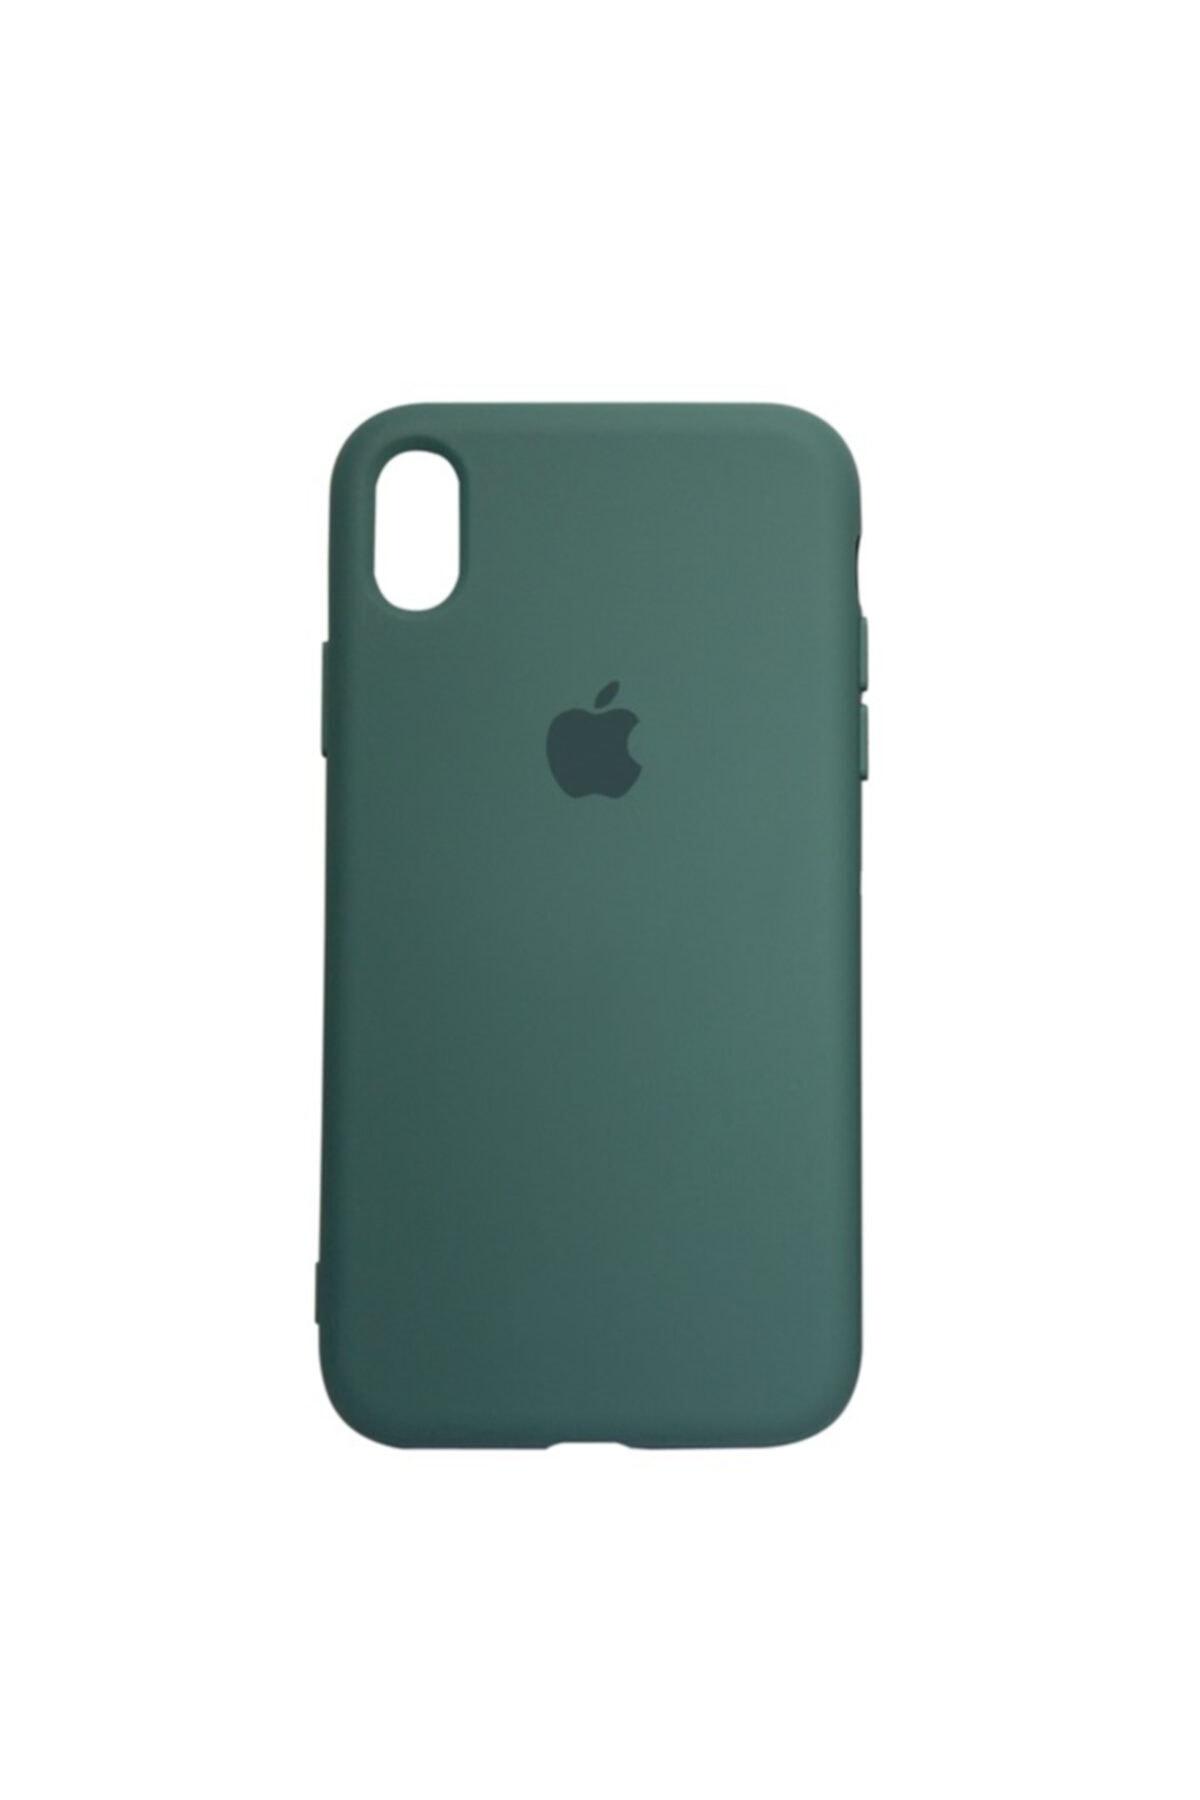 Mopal Apple Iphone Xr Logolu Iç Yüzeyi Kadife Altı Kapalı 360° Tam Koruma Silikon Lansman Kılıf 1